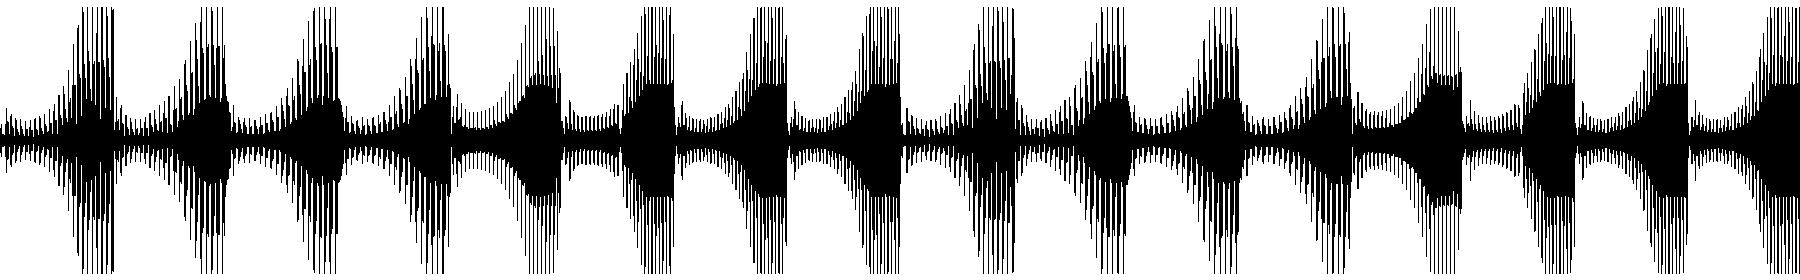 ehu basslp 125 043 g